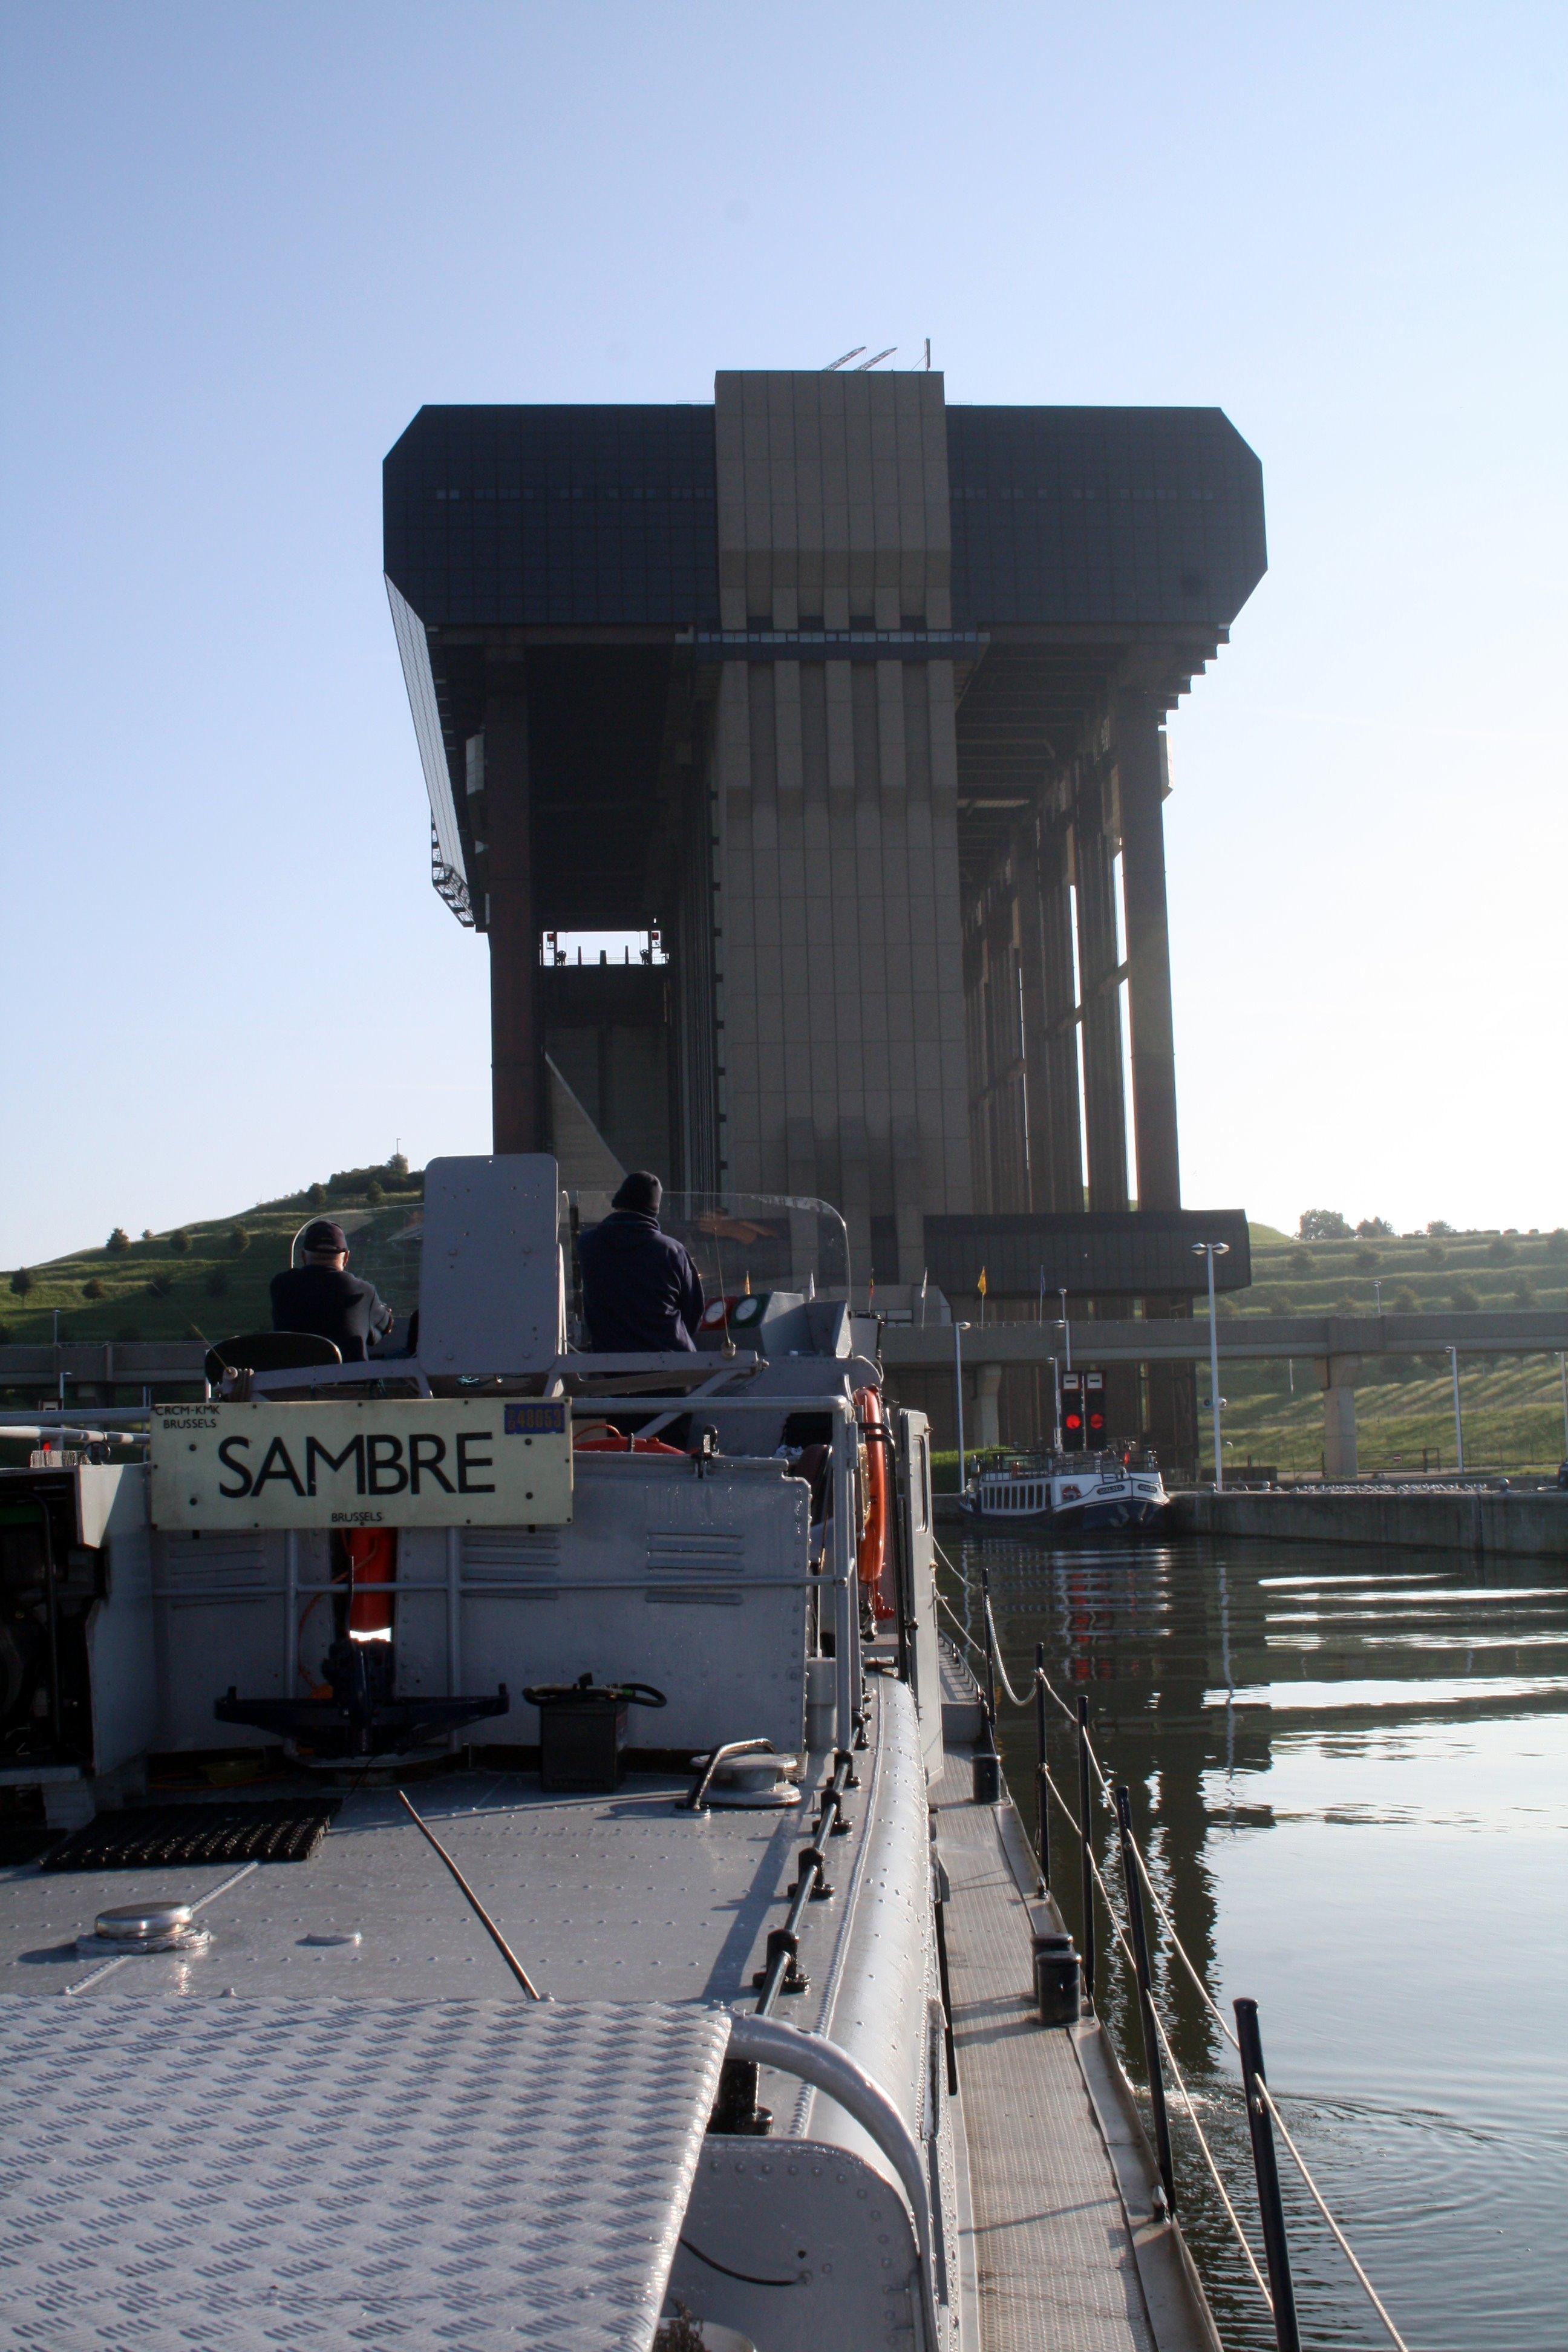 Deux membres du forum à bord du SAMBRE pour 3 jours - Page 6 1108040834381095838544760